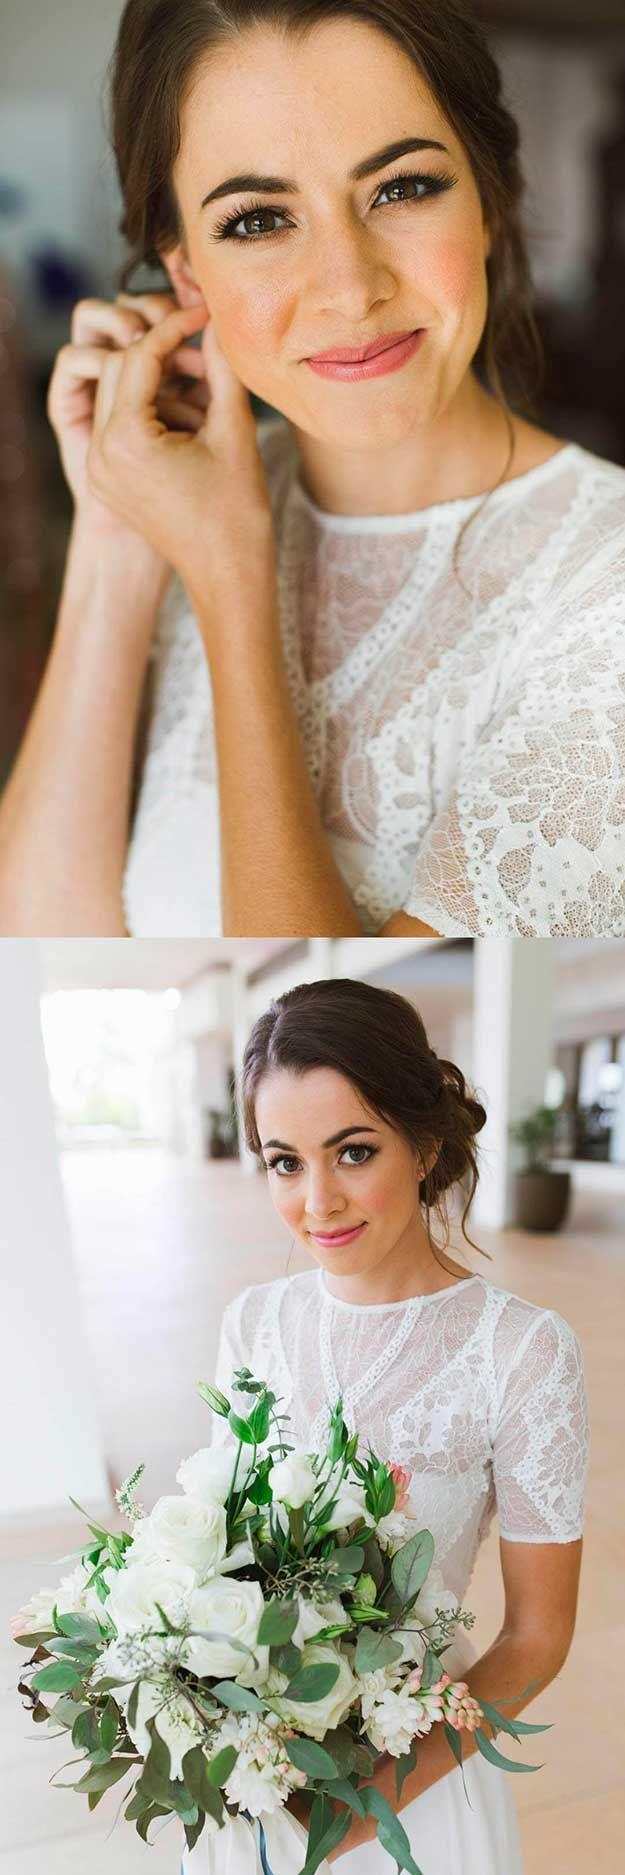 23 Natural Wedding Makeup Ideas